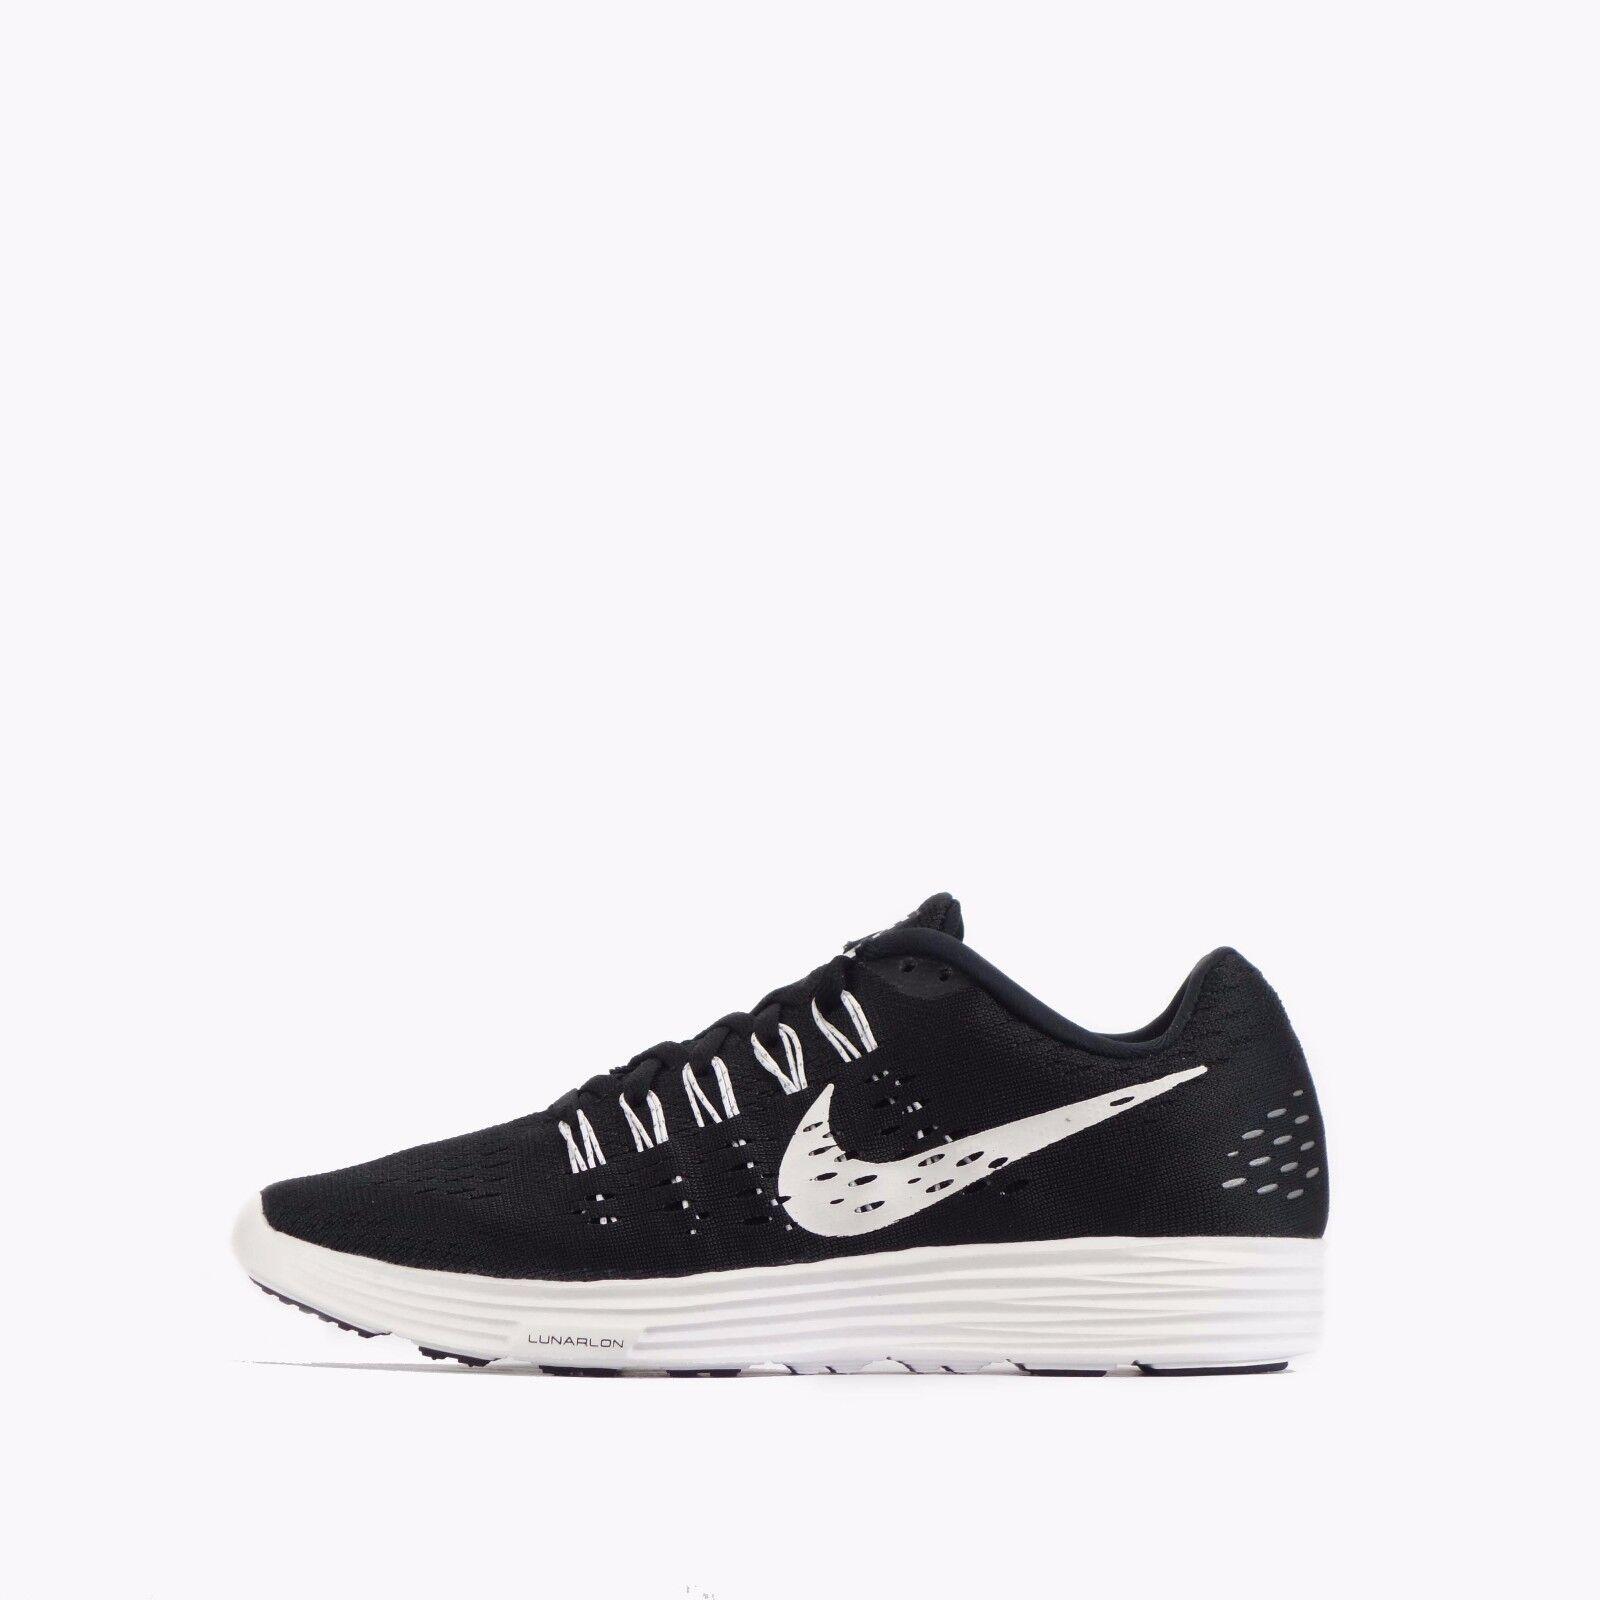 Le scarpe nike lunartempo leggero nero / bianco